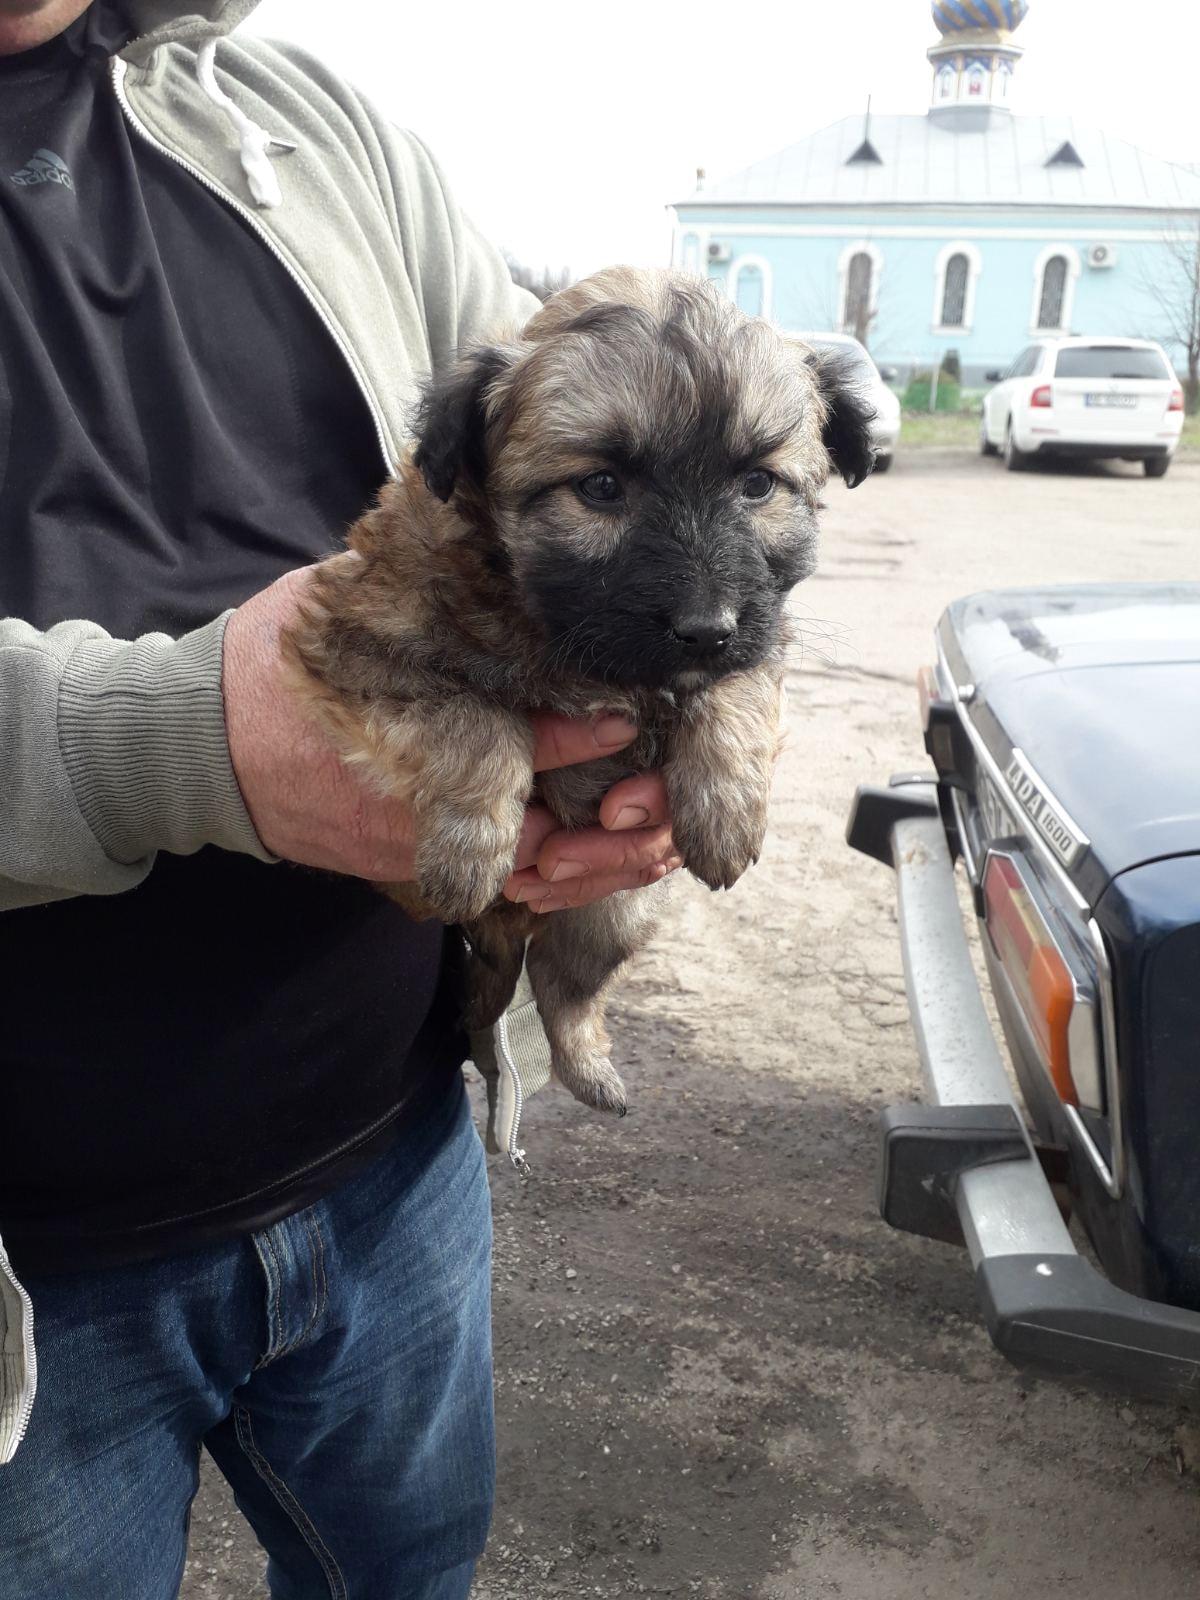 За одну неделю 27 щенковстали домашними любимцами